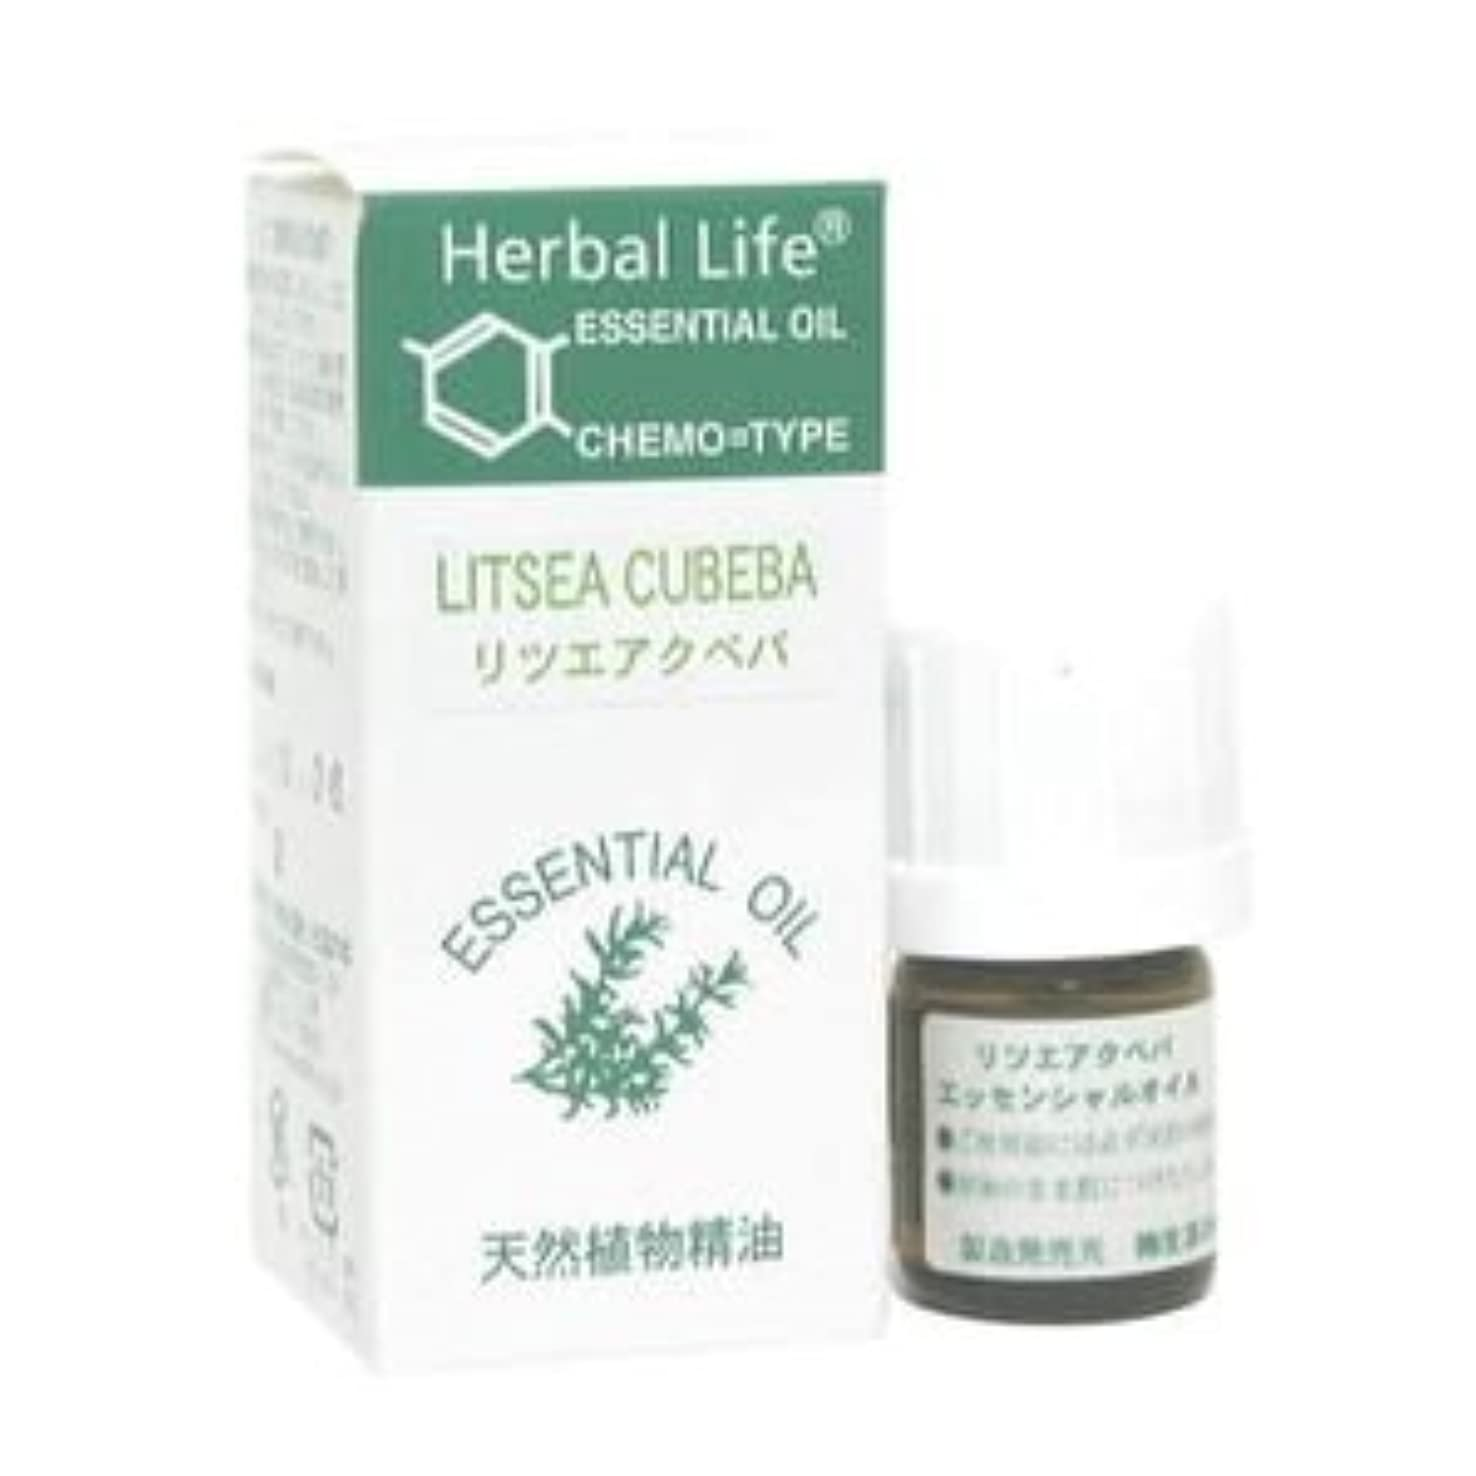 世界記録のギネスブックワークショップ鷲Herbal Life リツエアクベバ 3ml